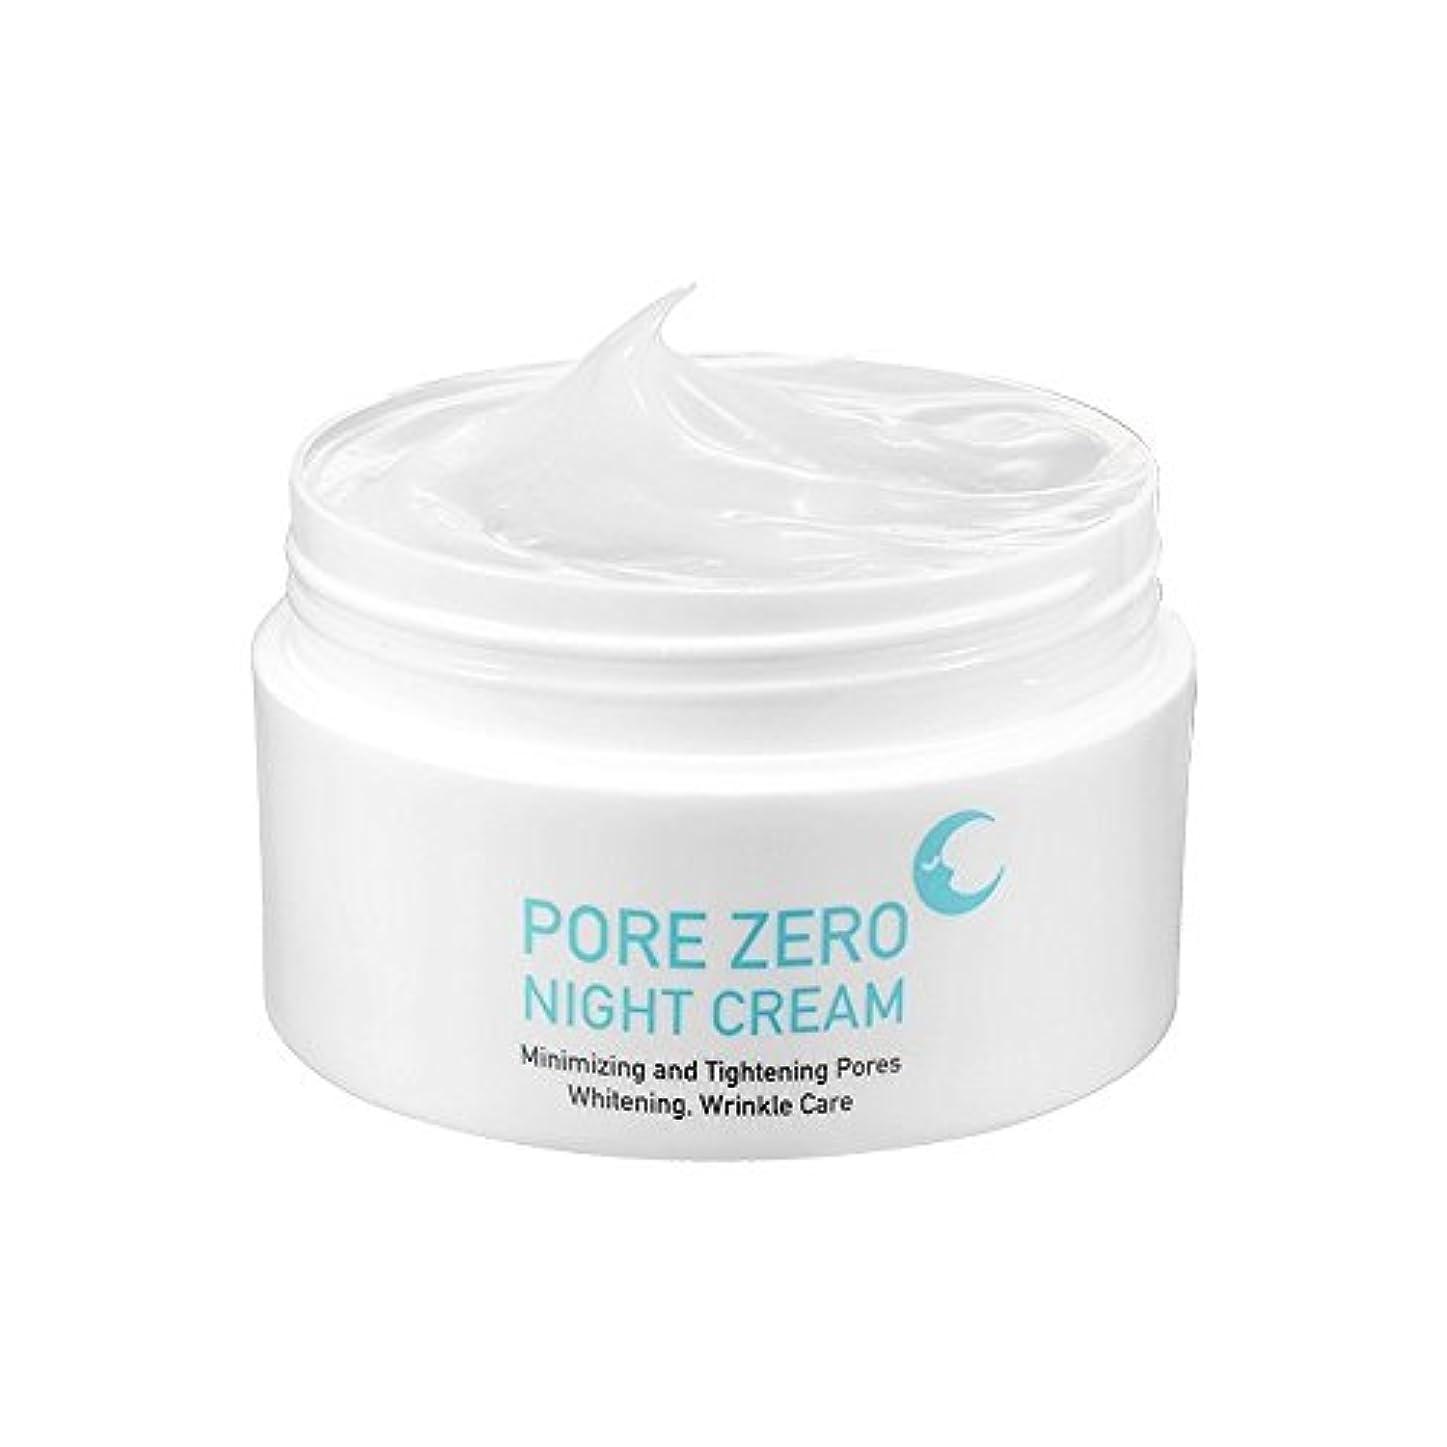 年金受給者と遊ぶ戸棚スキンミソ(SKINMISO) Pore Zero Night Cream